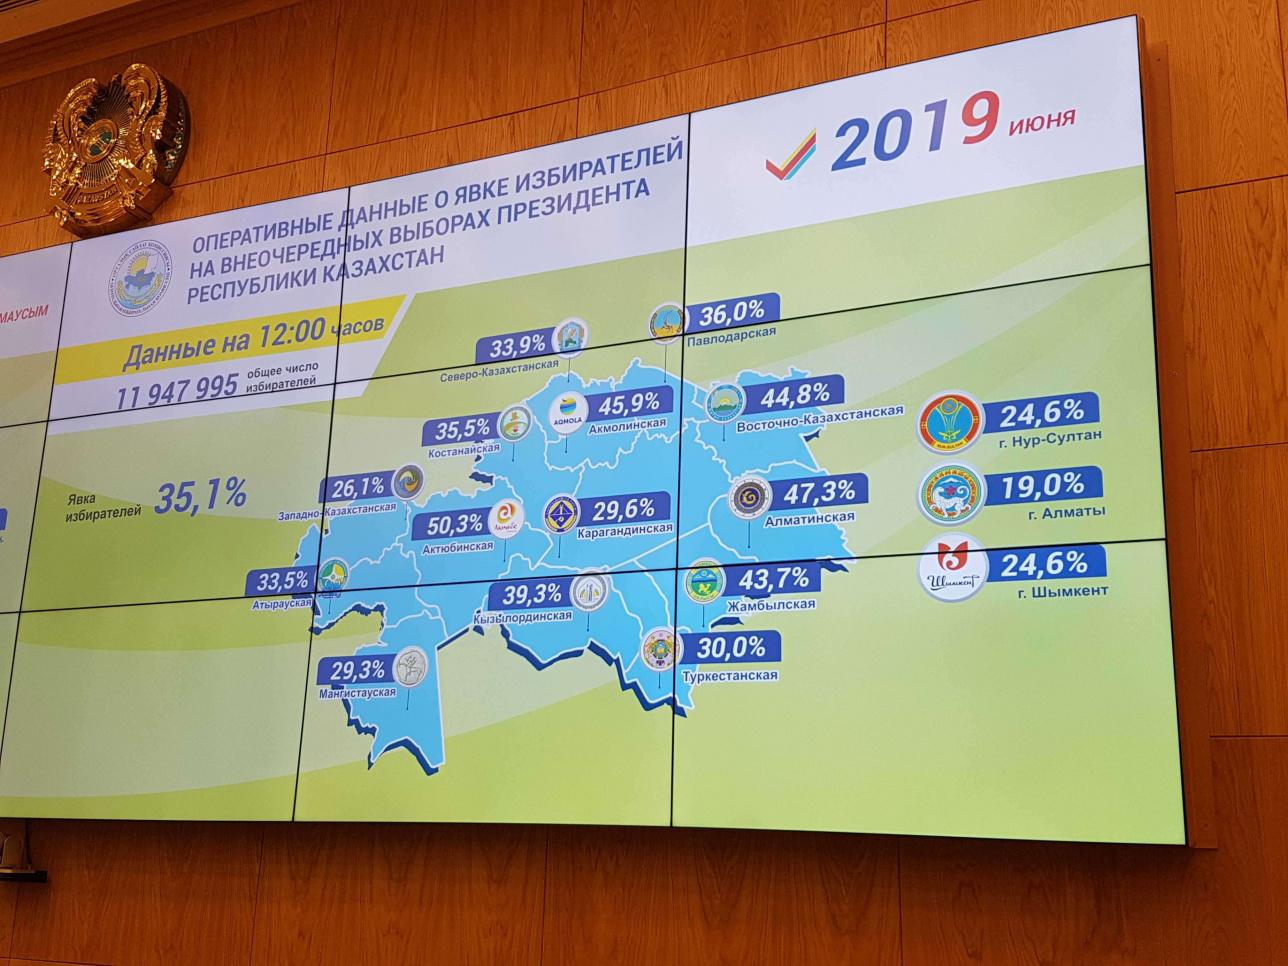 Явка избирателей на 12.00 по регионам